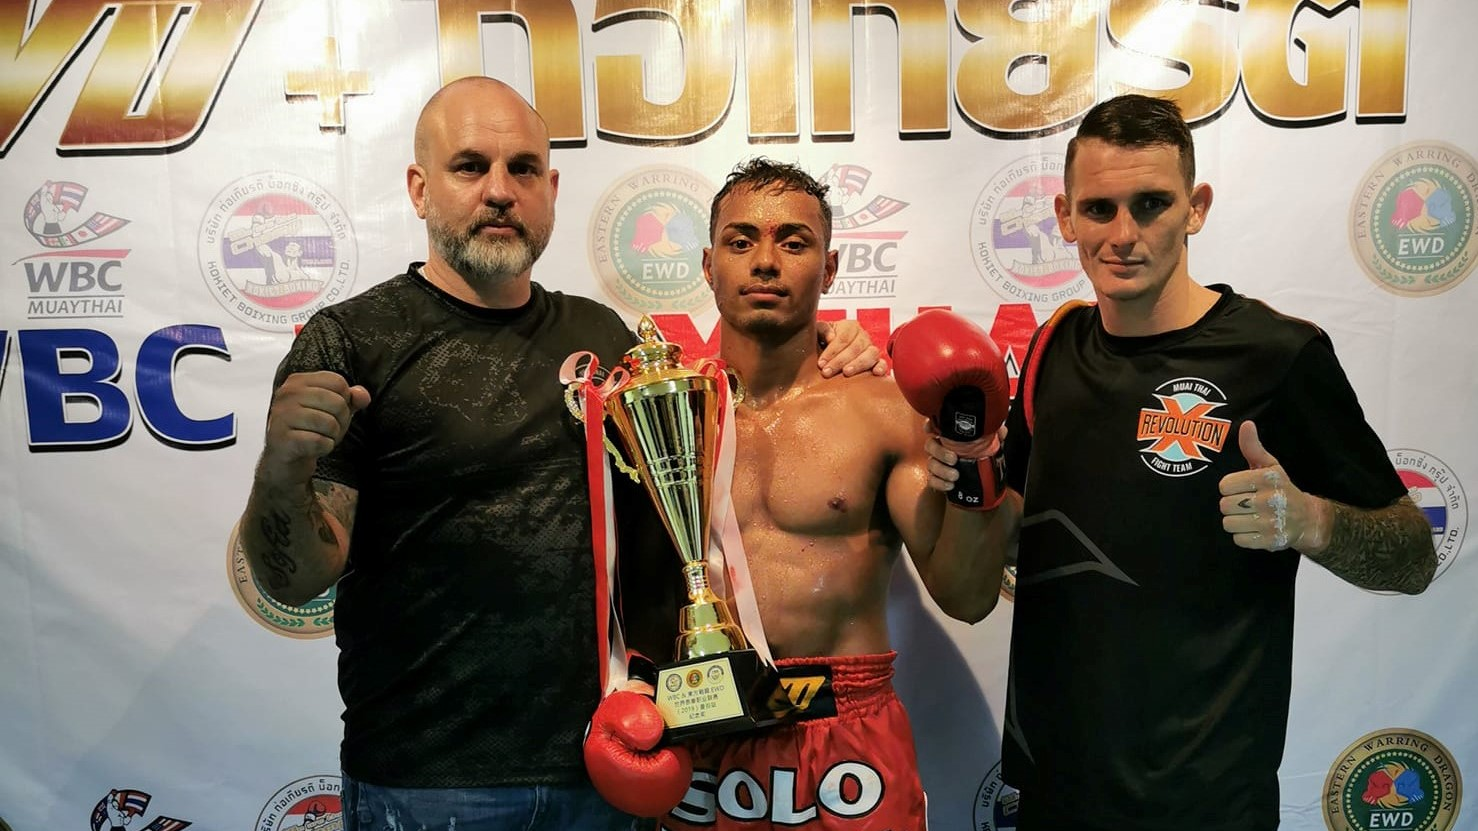 Felipe Lobo vence em evento WBC no Lumpinee; Adaylton perde na decisão